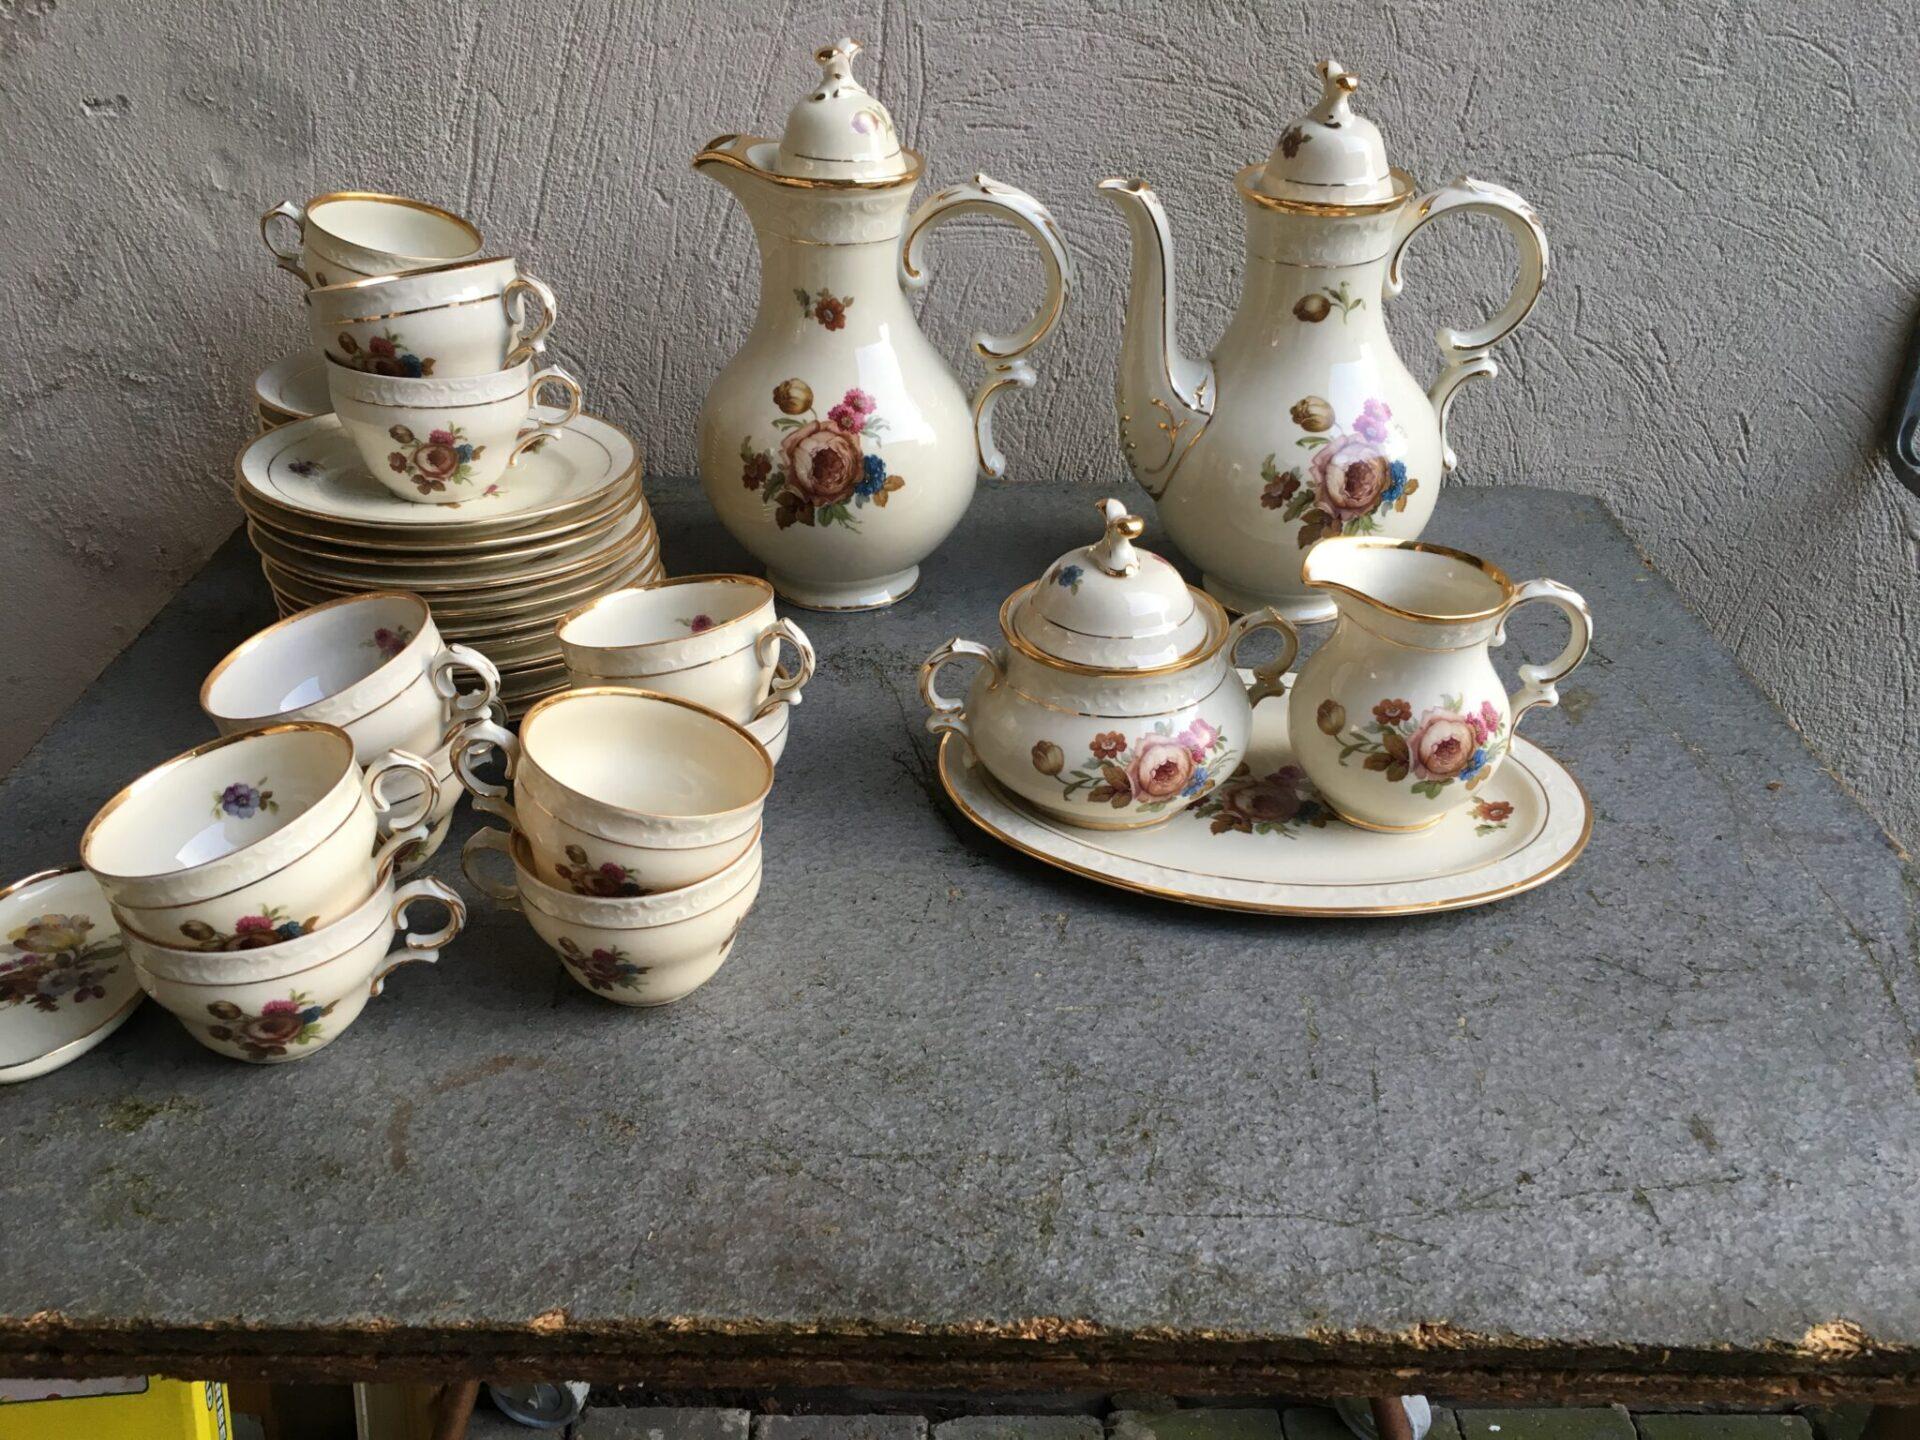 12-personers kaffestel, Rosenborg, velholdt, i alt 400 kr